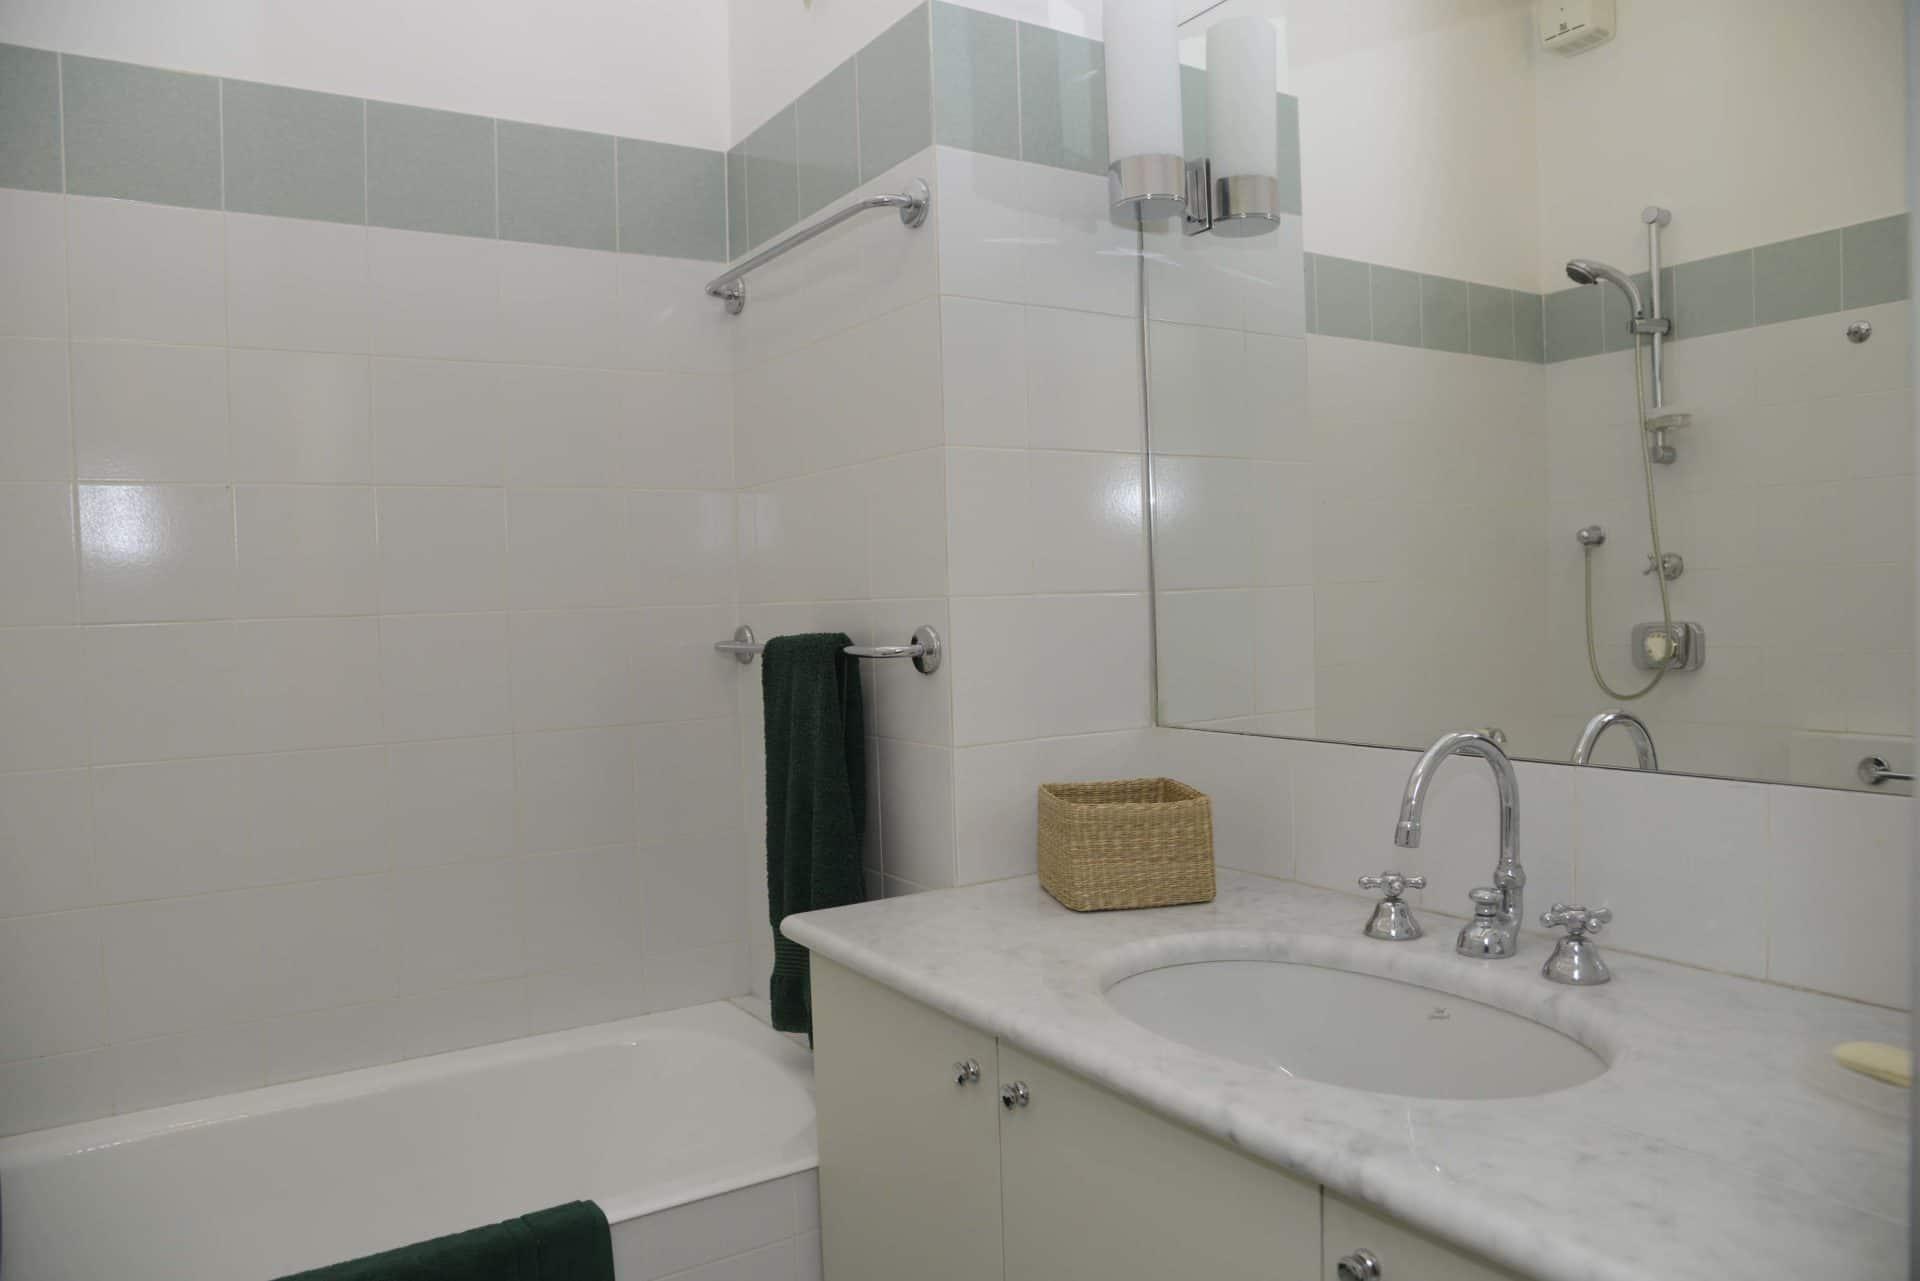 Appartamento per vacanze a Milano, Le stanze di Alice, bagno